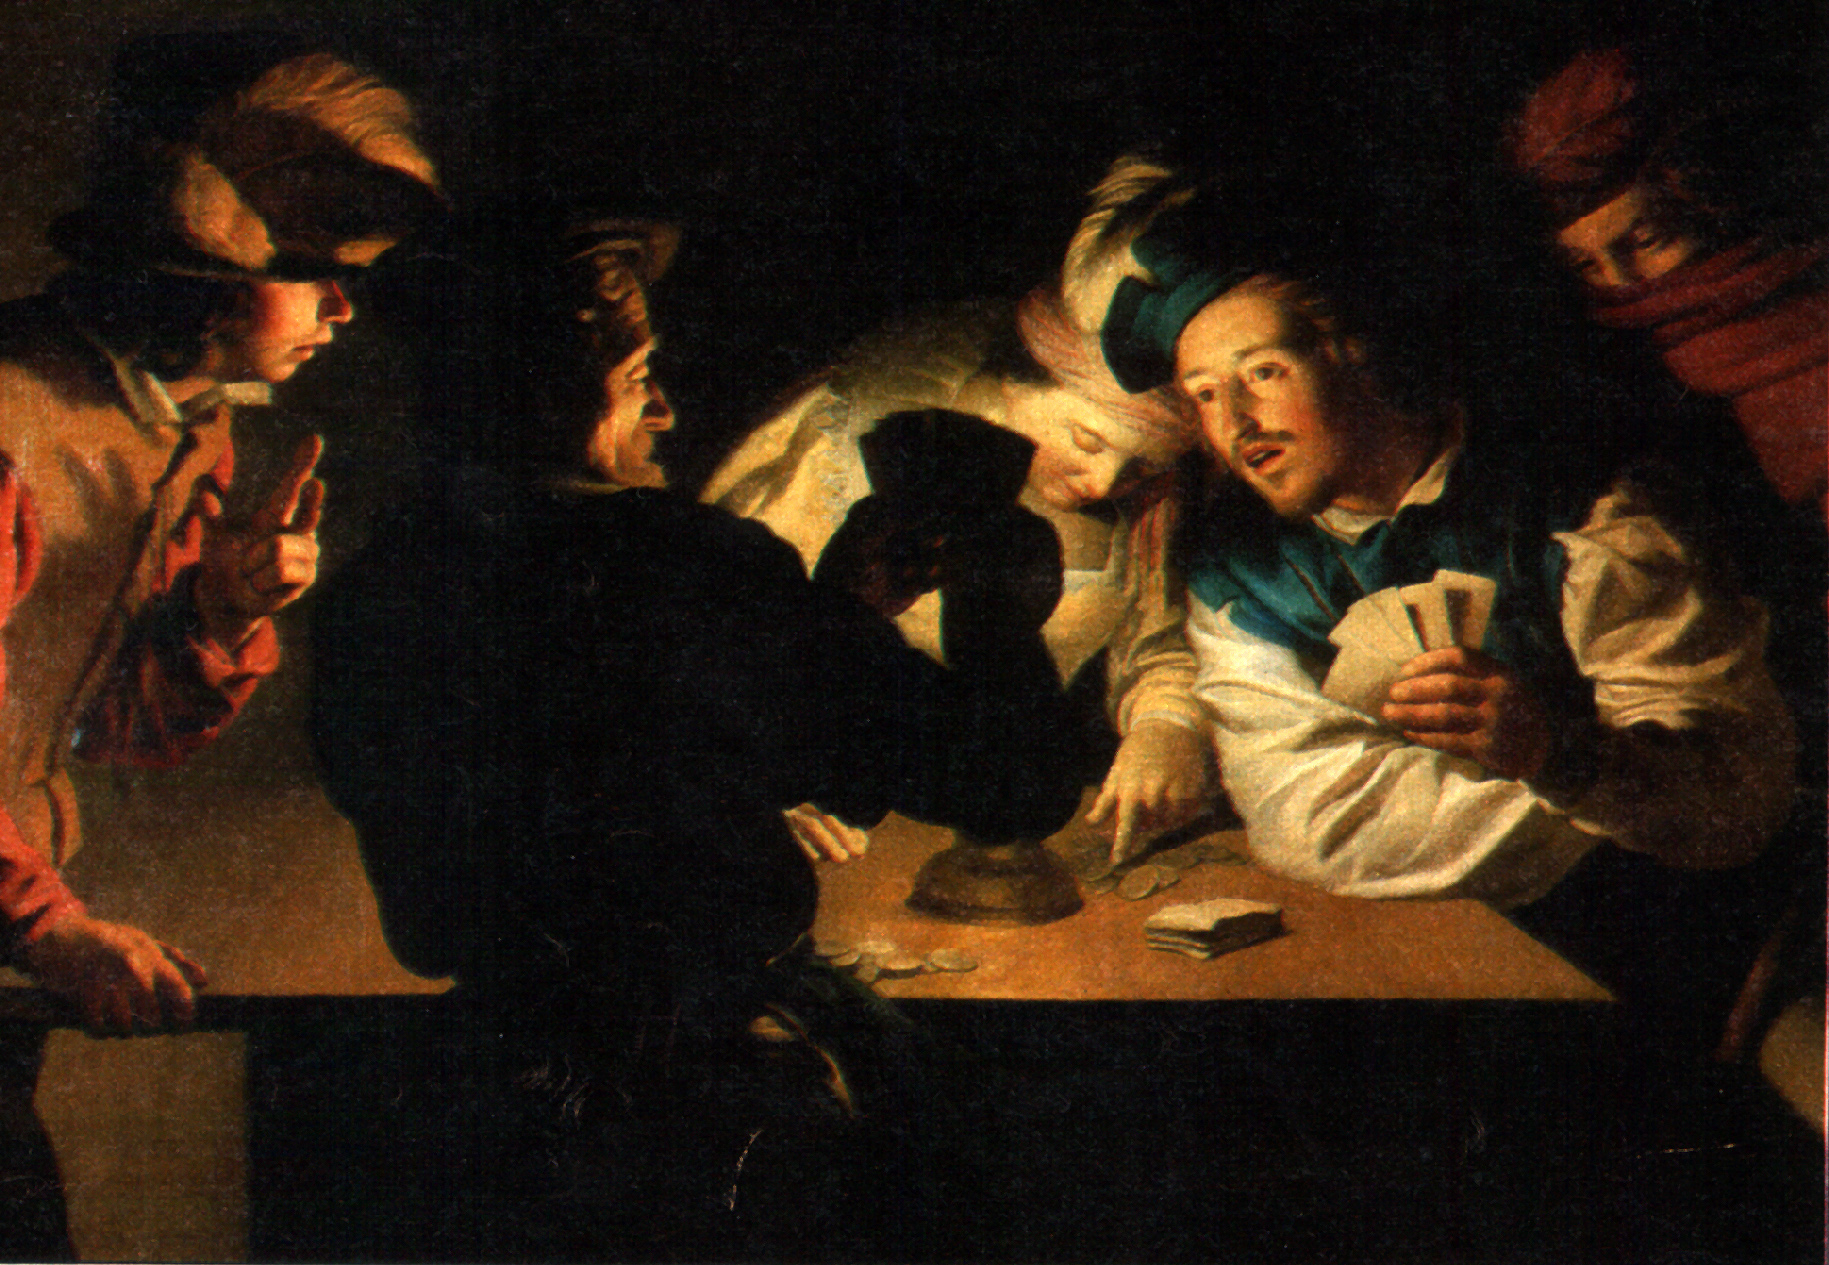 Die Falschspieler, Gemälde (125 x 190 cm) von Gerard van Honthorst (1590-1656), Museum Wiesbaden, Wikimedia